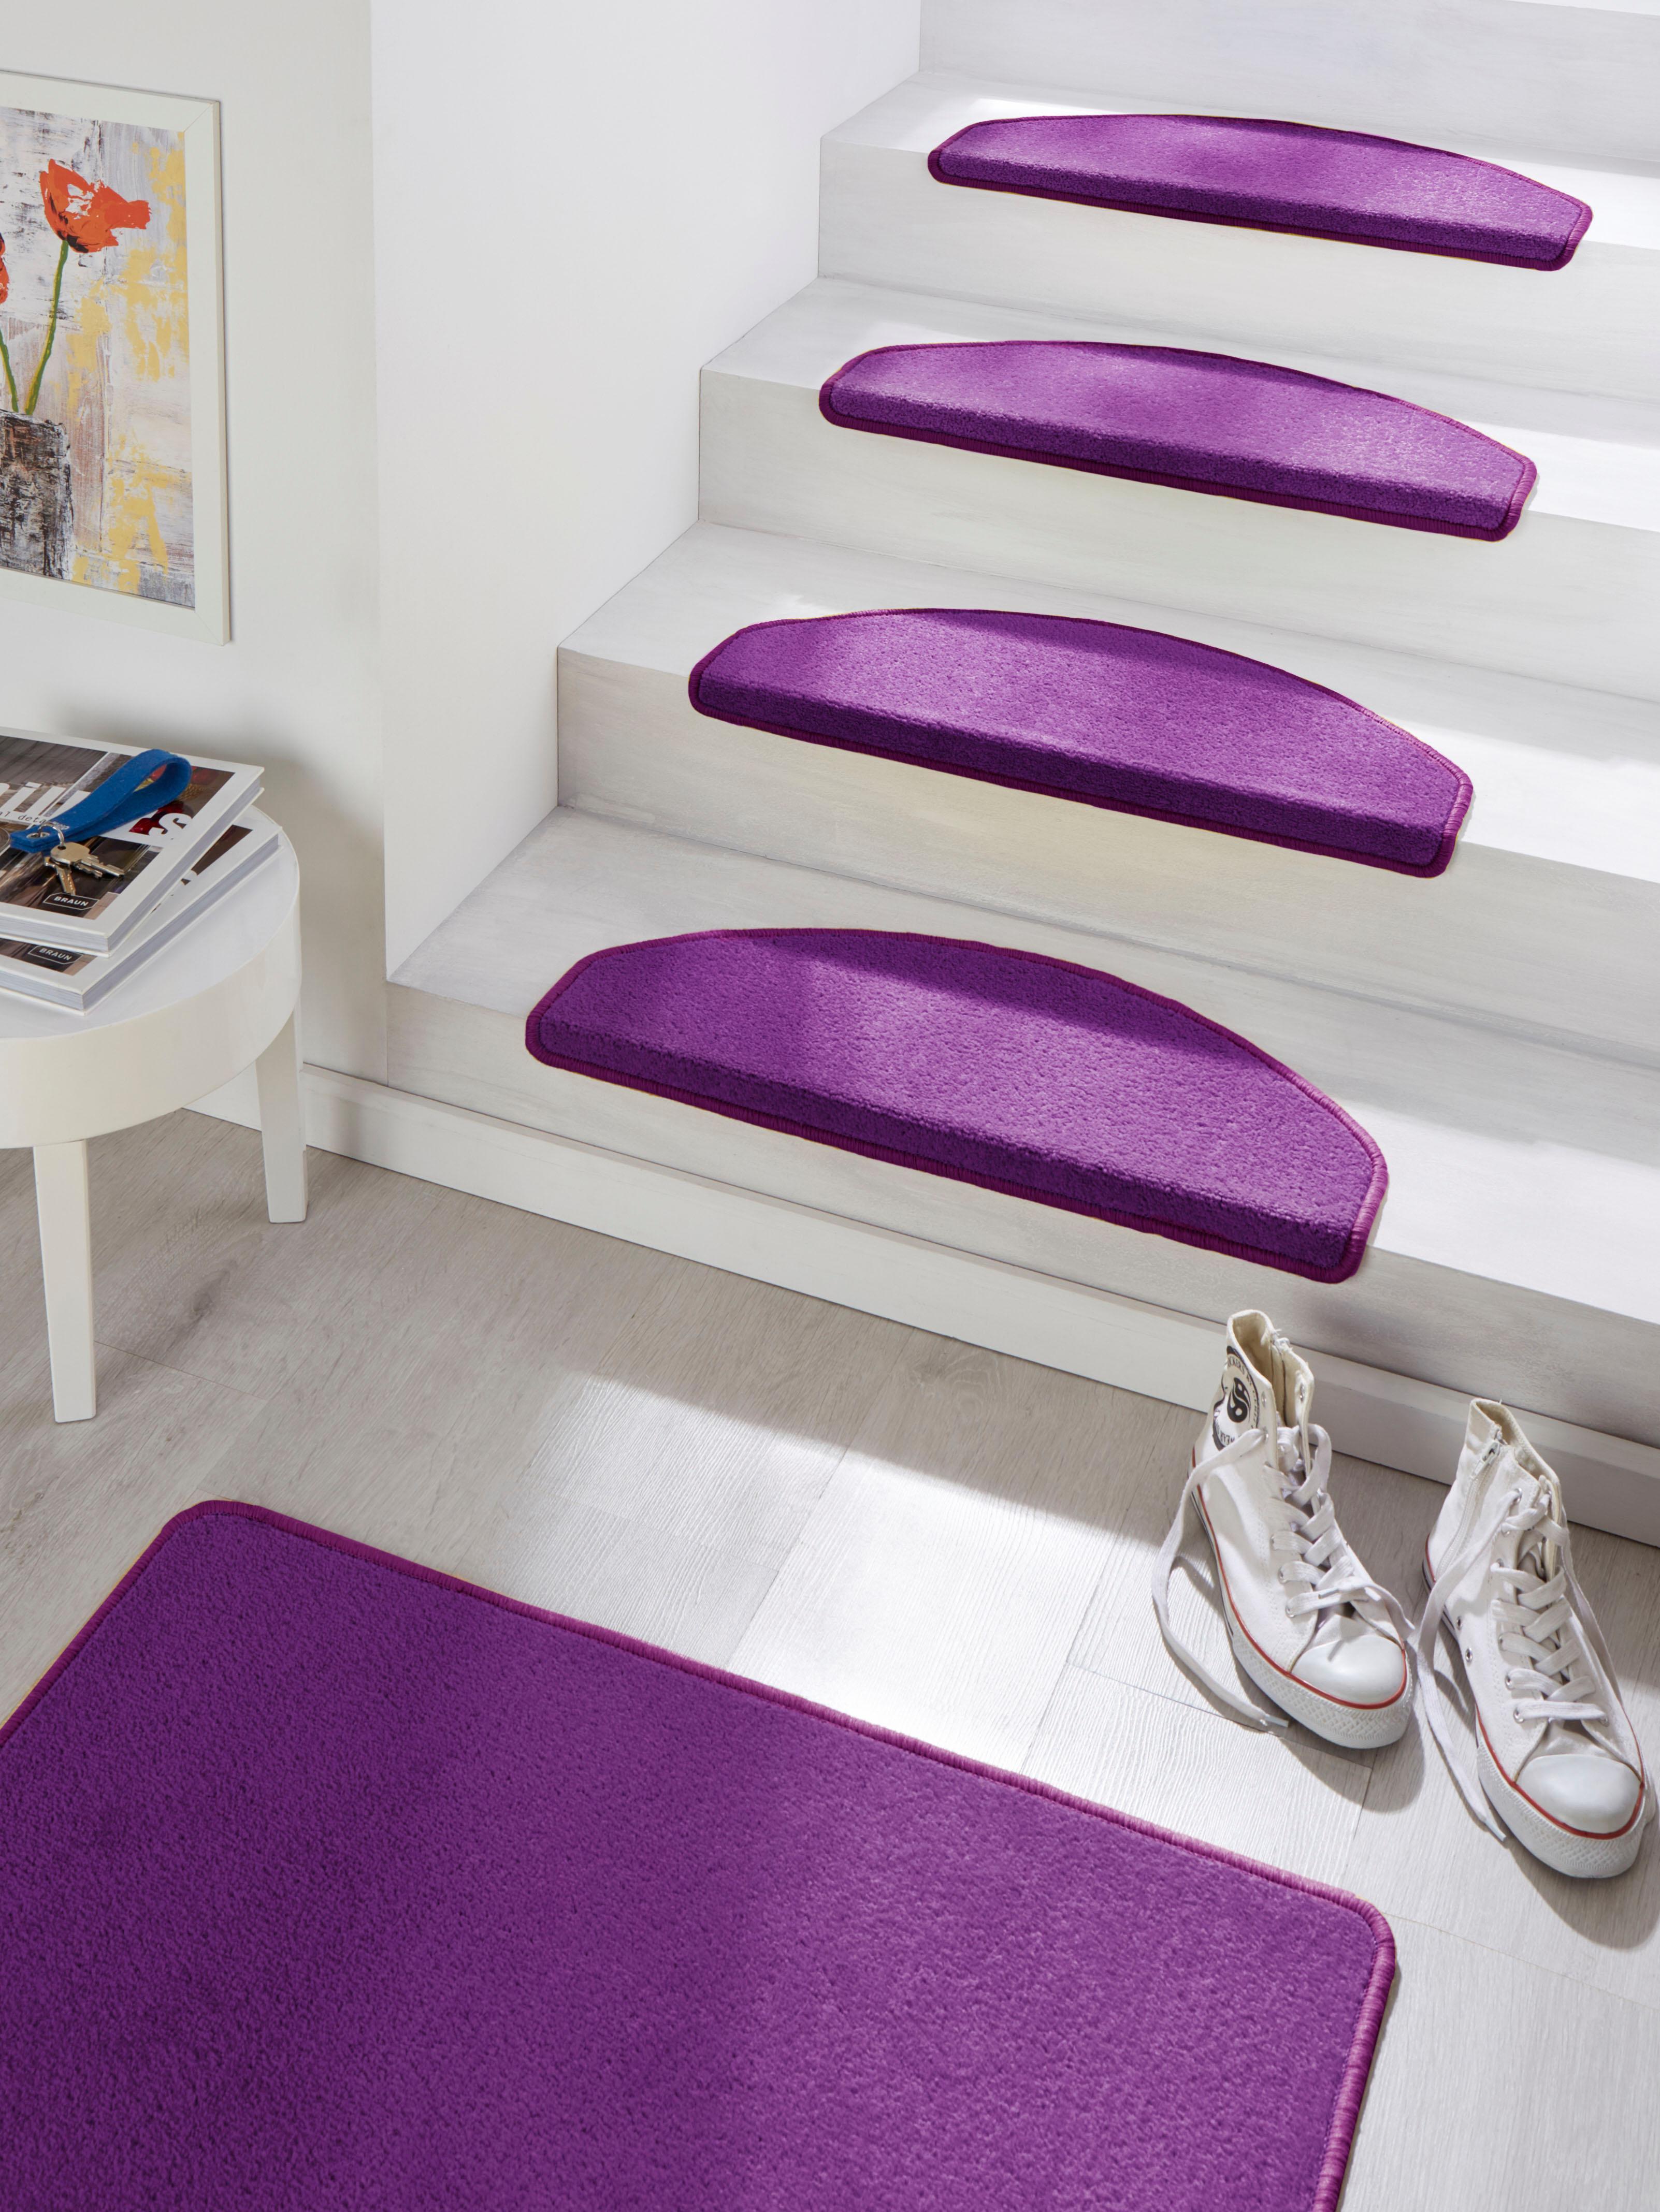 HANSE Home Stufenmatte Fancy, halbrund, 7 mm Höhe, große Farbauswahl, 15 Stück in einem Set lila Stufenmatten Teppiche